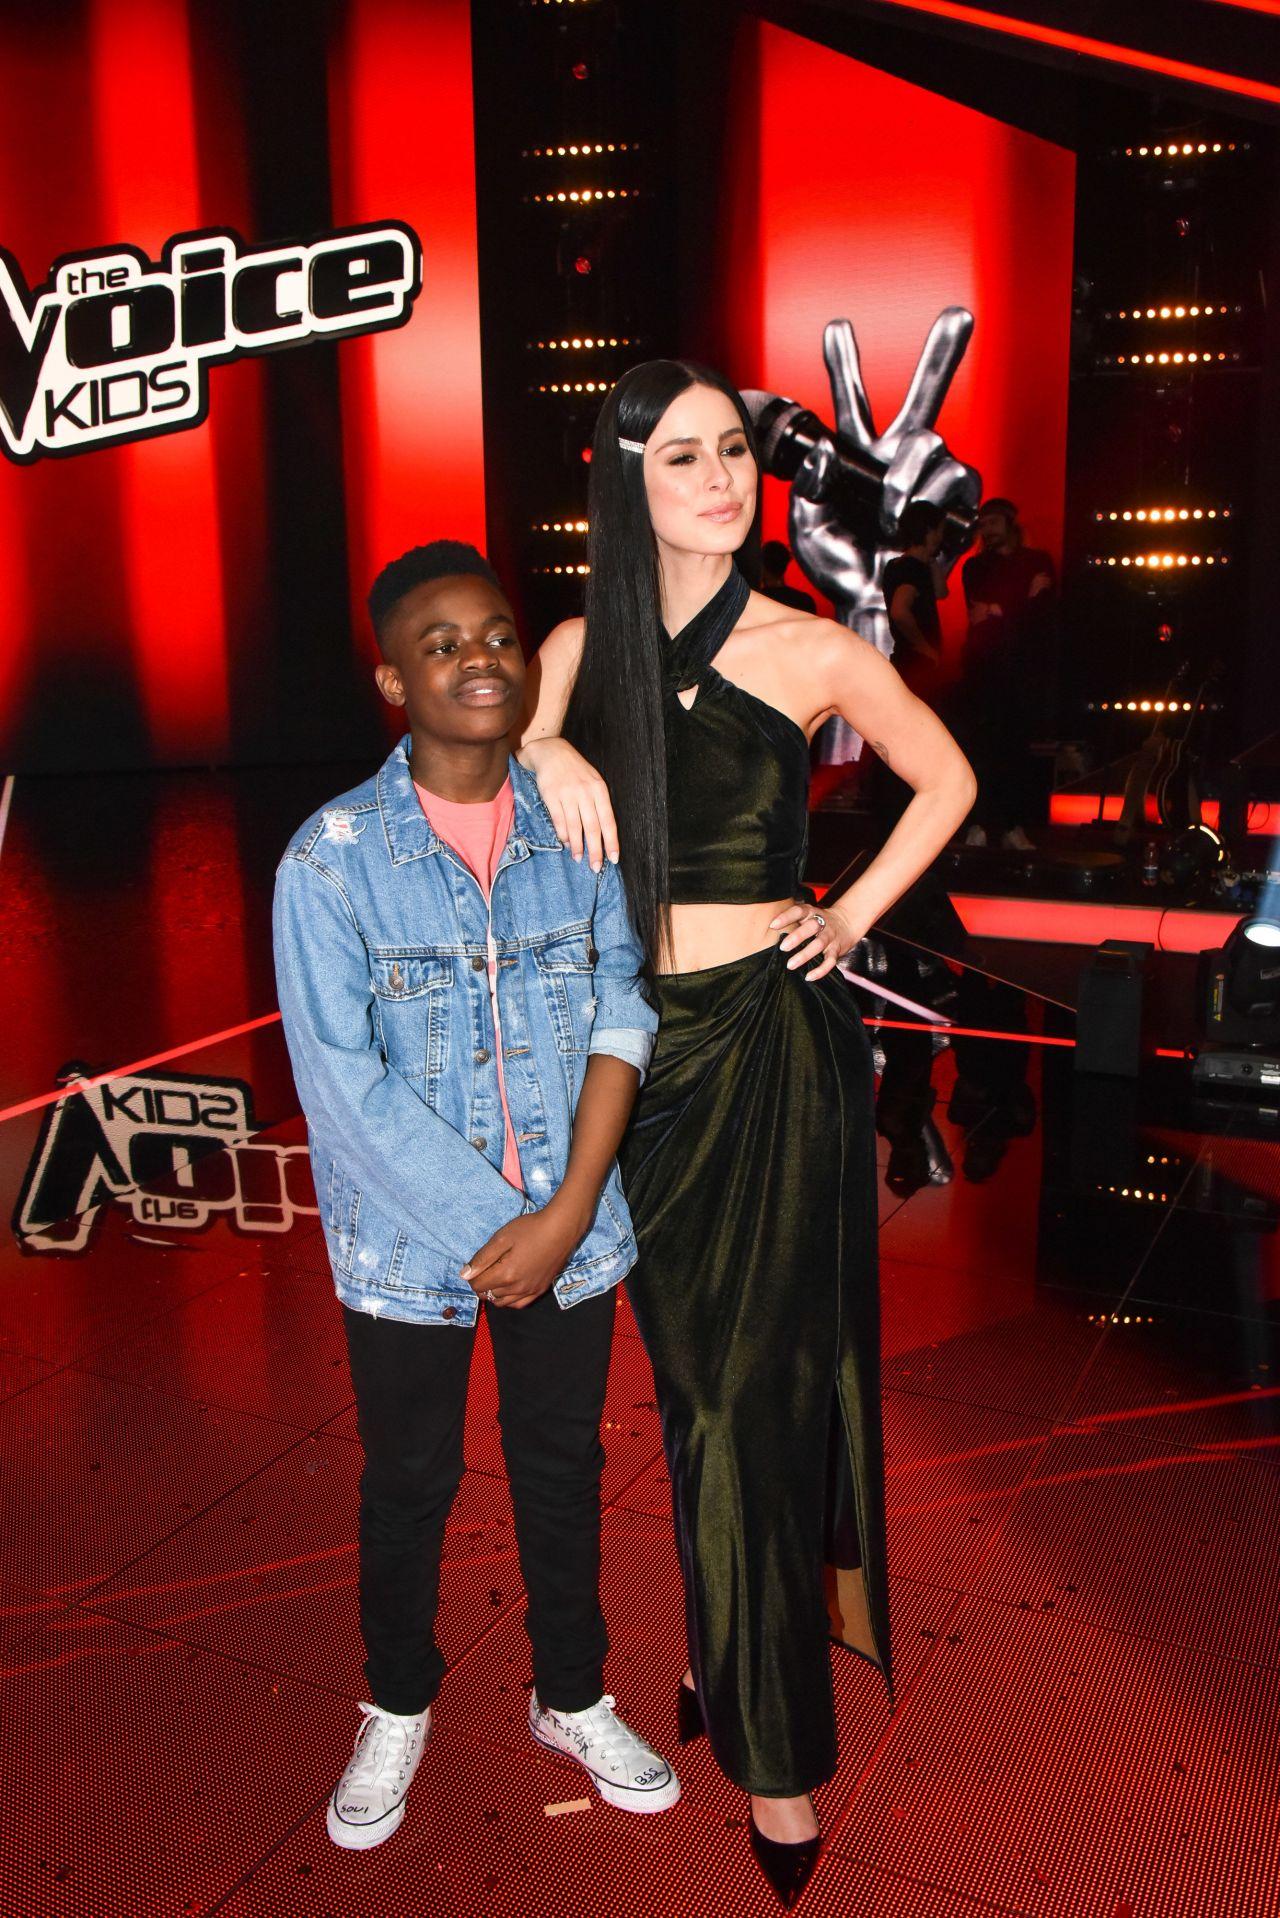 Lena Meyer Landrut Final From The Voice Kids In Berlin 04 21 2019 Celebmafia